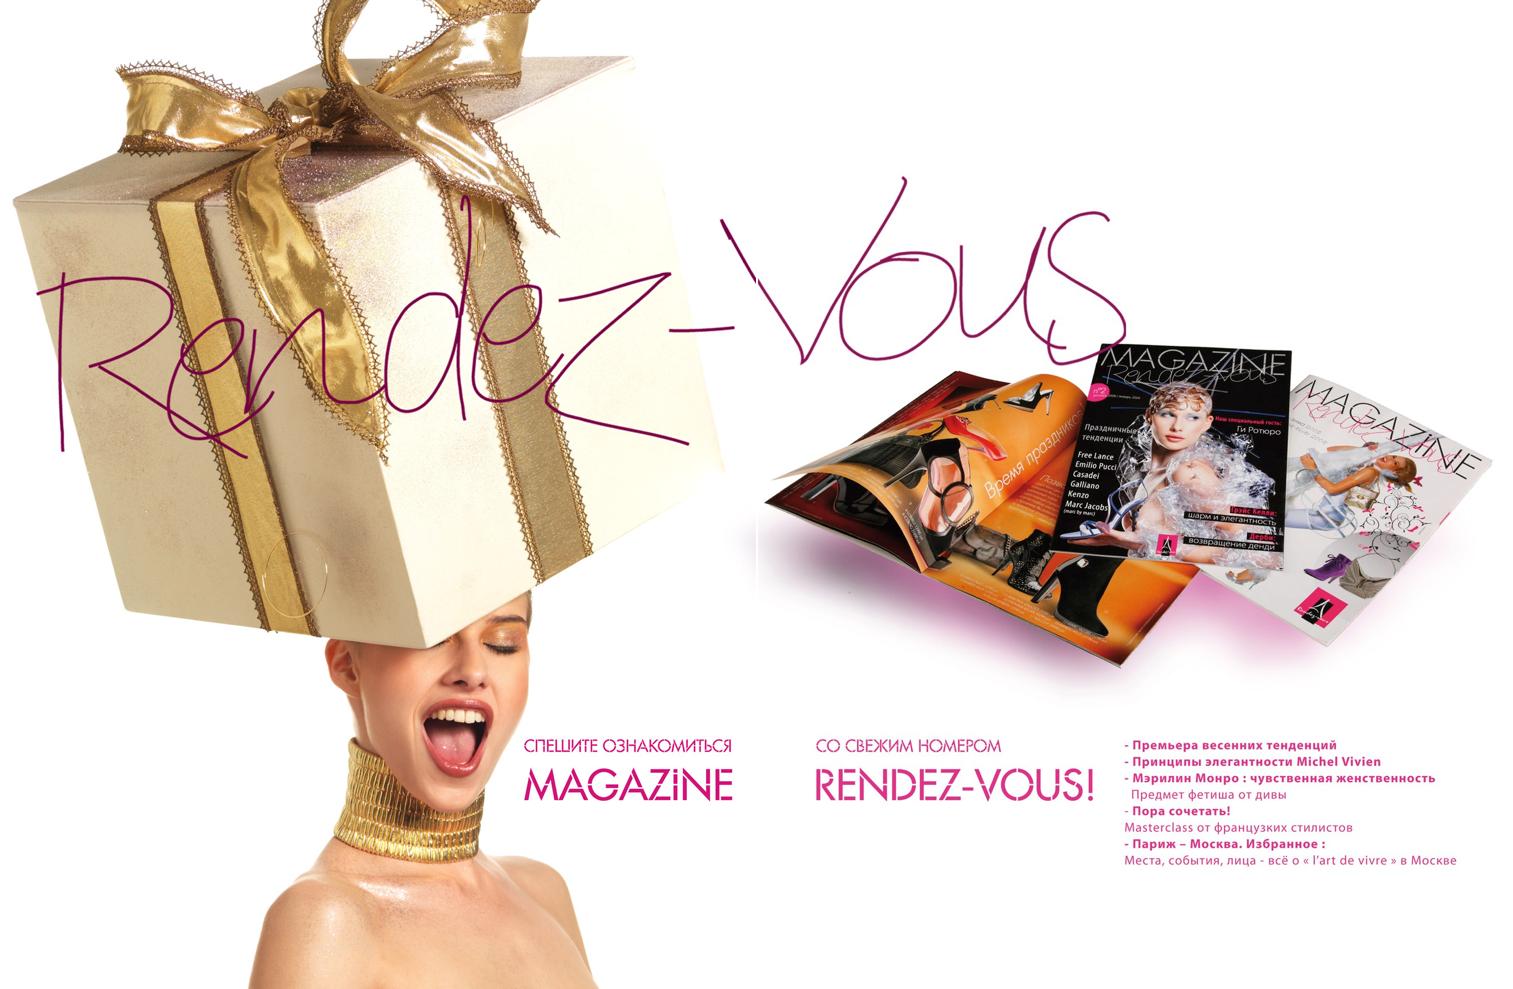 печатная продукция каталог Rendez-Vous